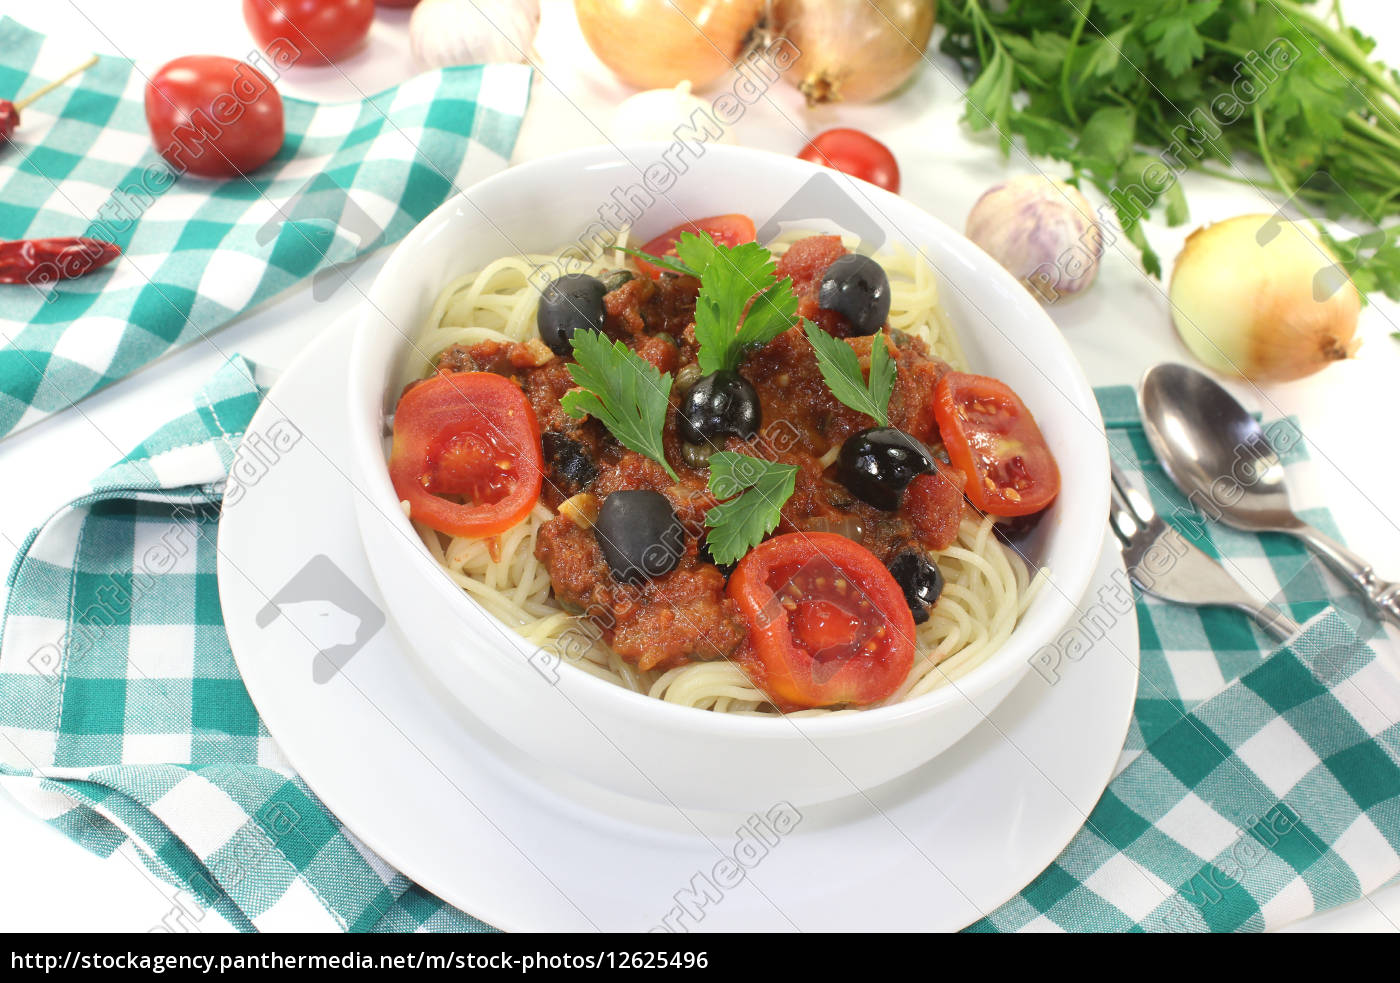 spaghetti, alla, puttanesca, with, tomatoes - 12625496